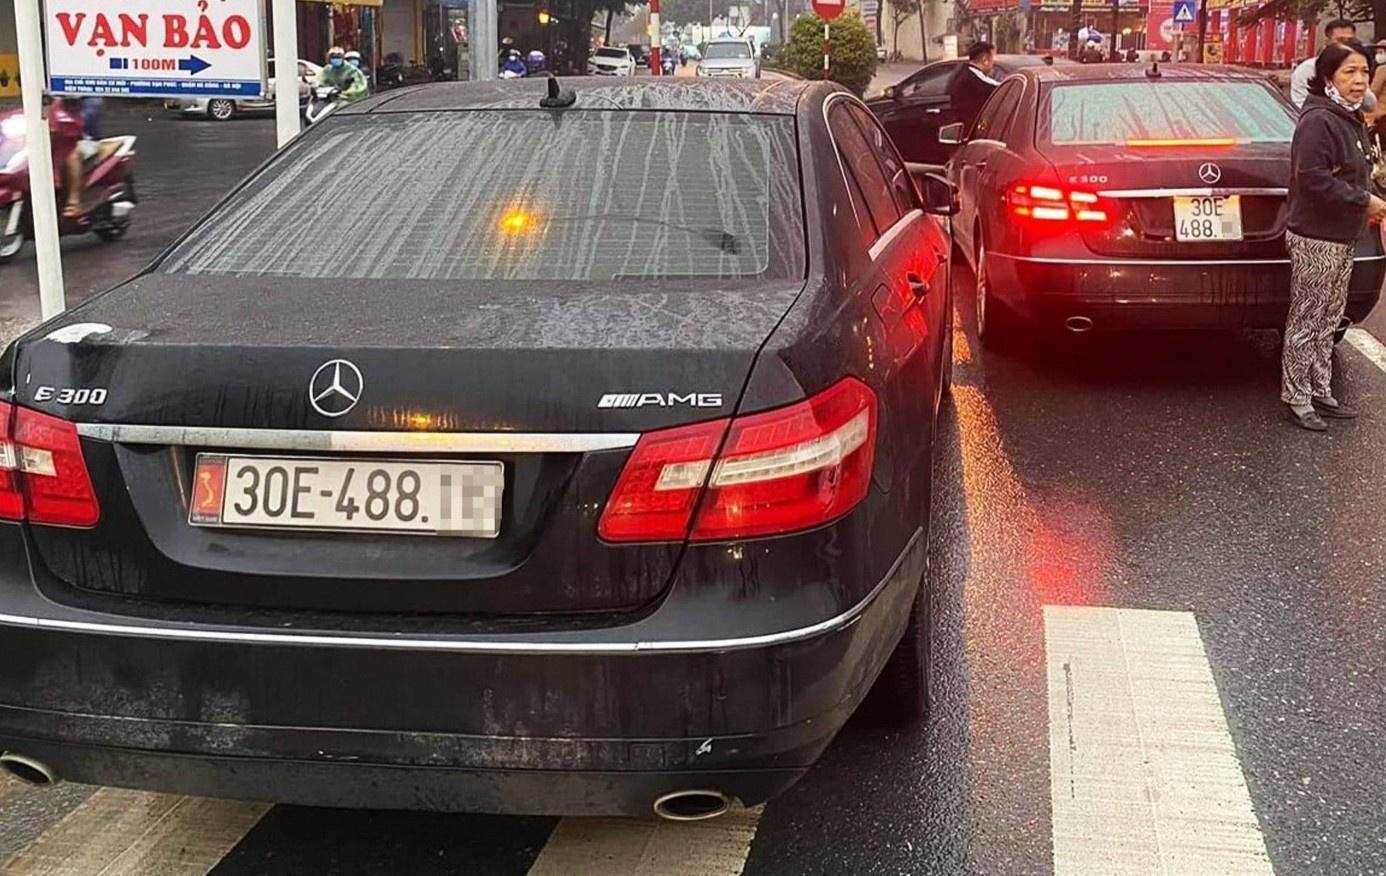 Hai chiếc Mercedes cùng biển số lưu thông trên đường phố Hà Nội. Ảnh: H.P.